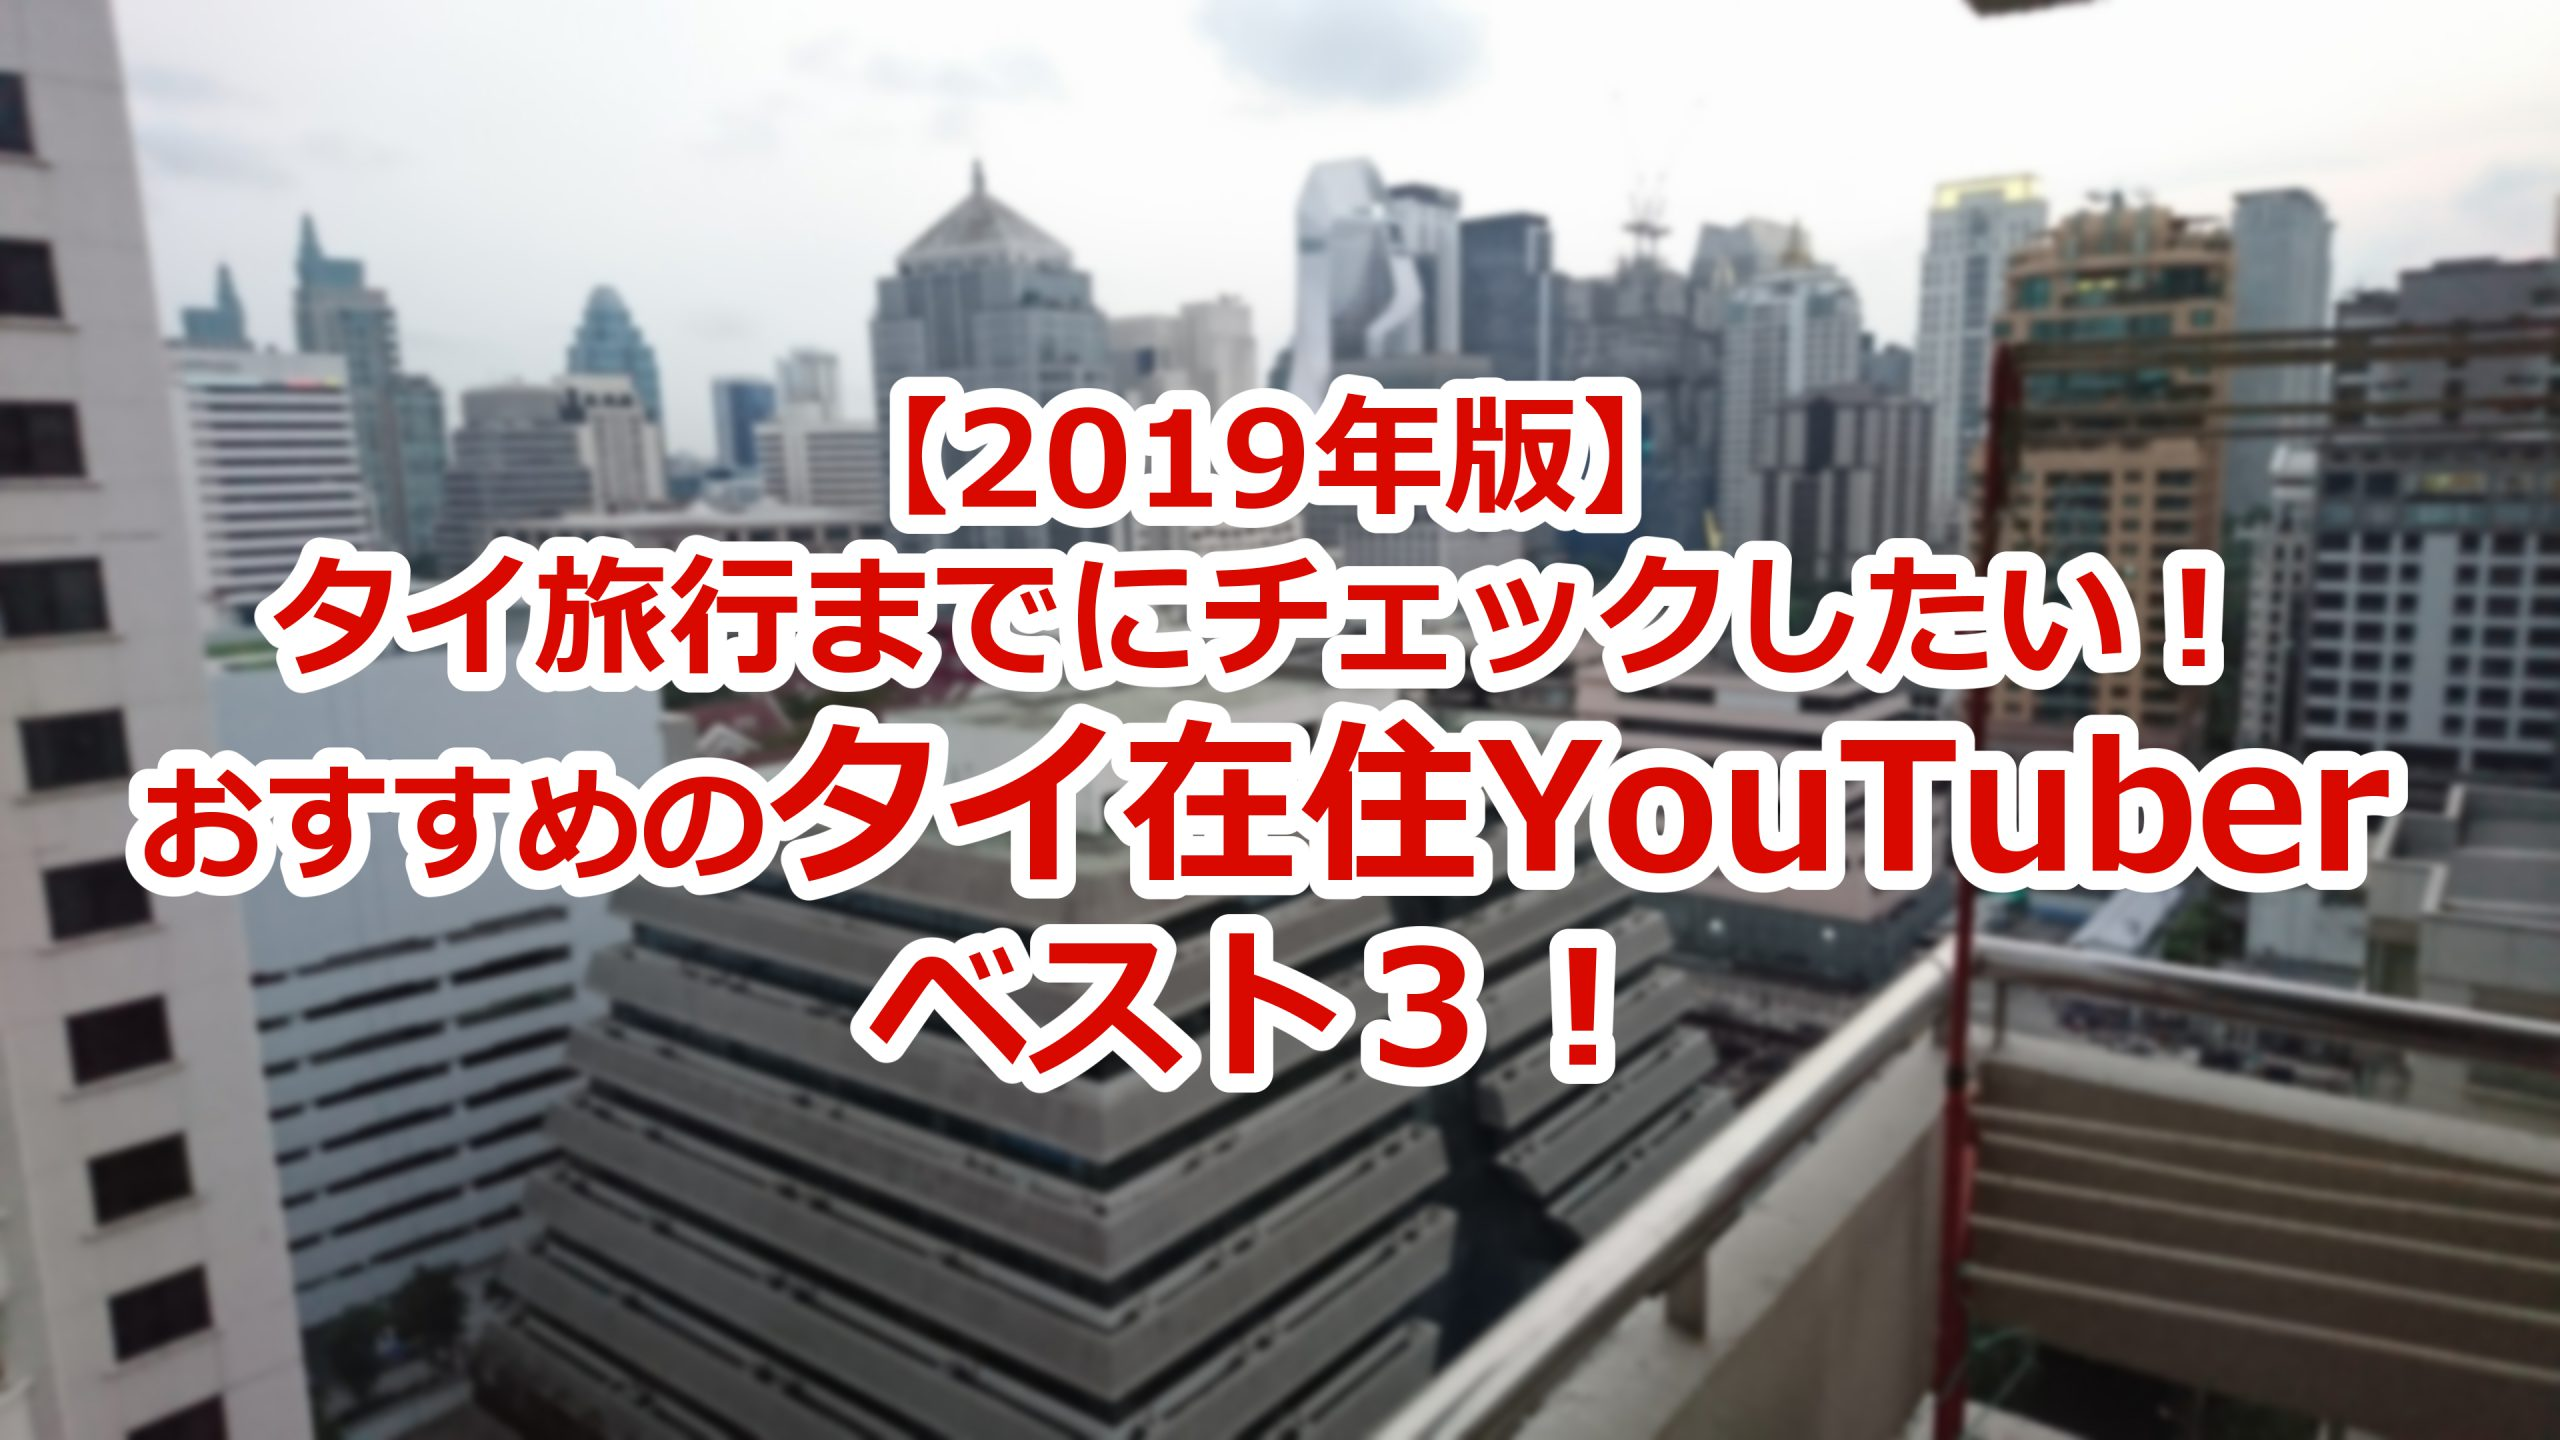 【2019年版】タイ旅行までにチェックしたい!おすすめのタイ在住YouTuberベスト3!